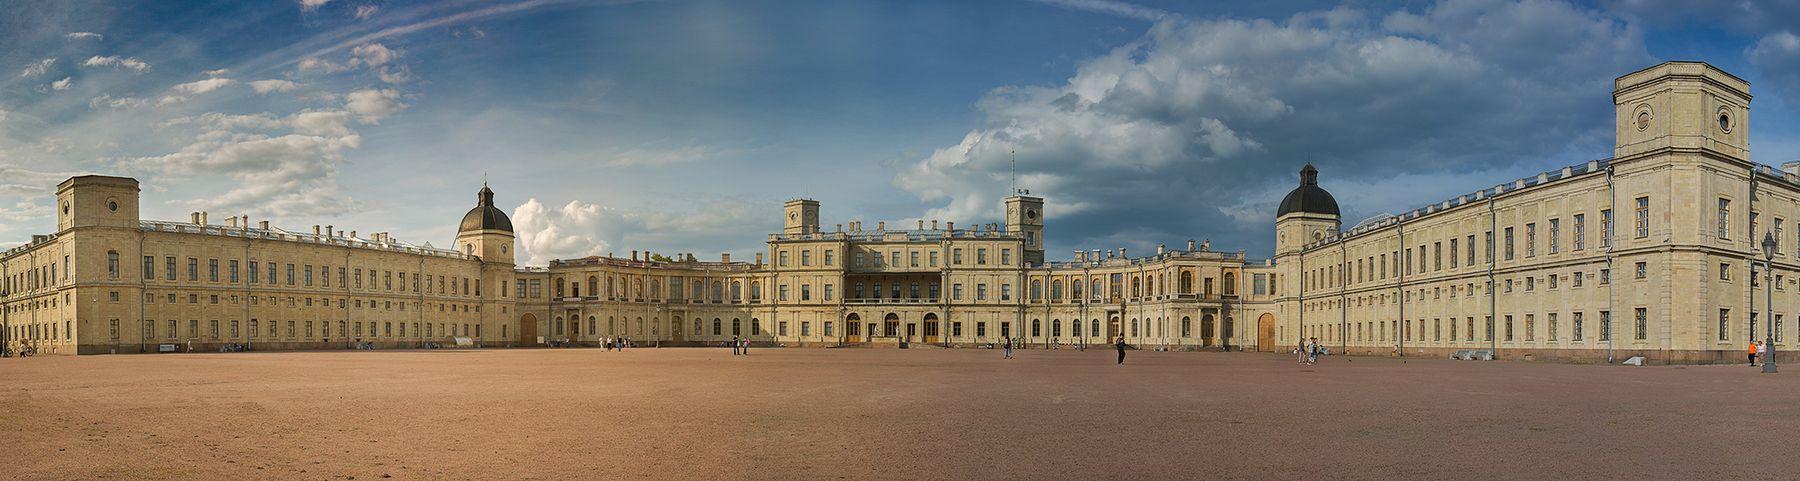 Гатчинский дворец Гатчинский дворец